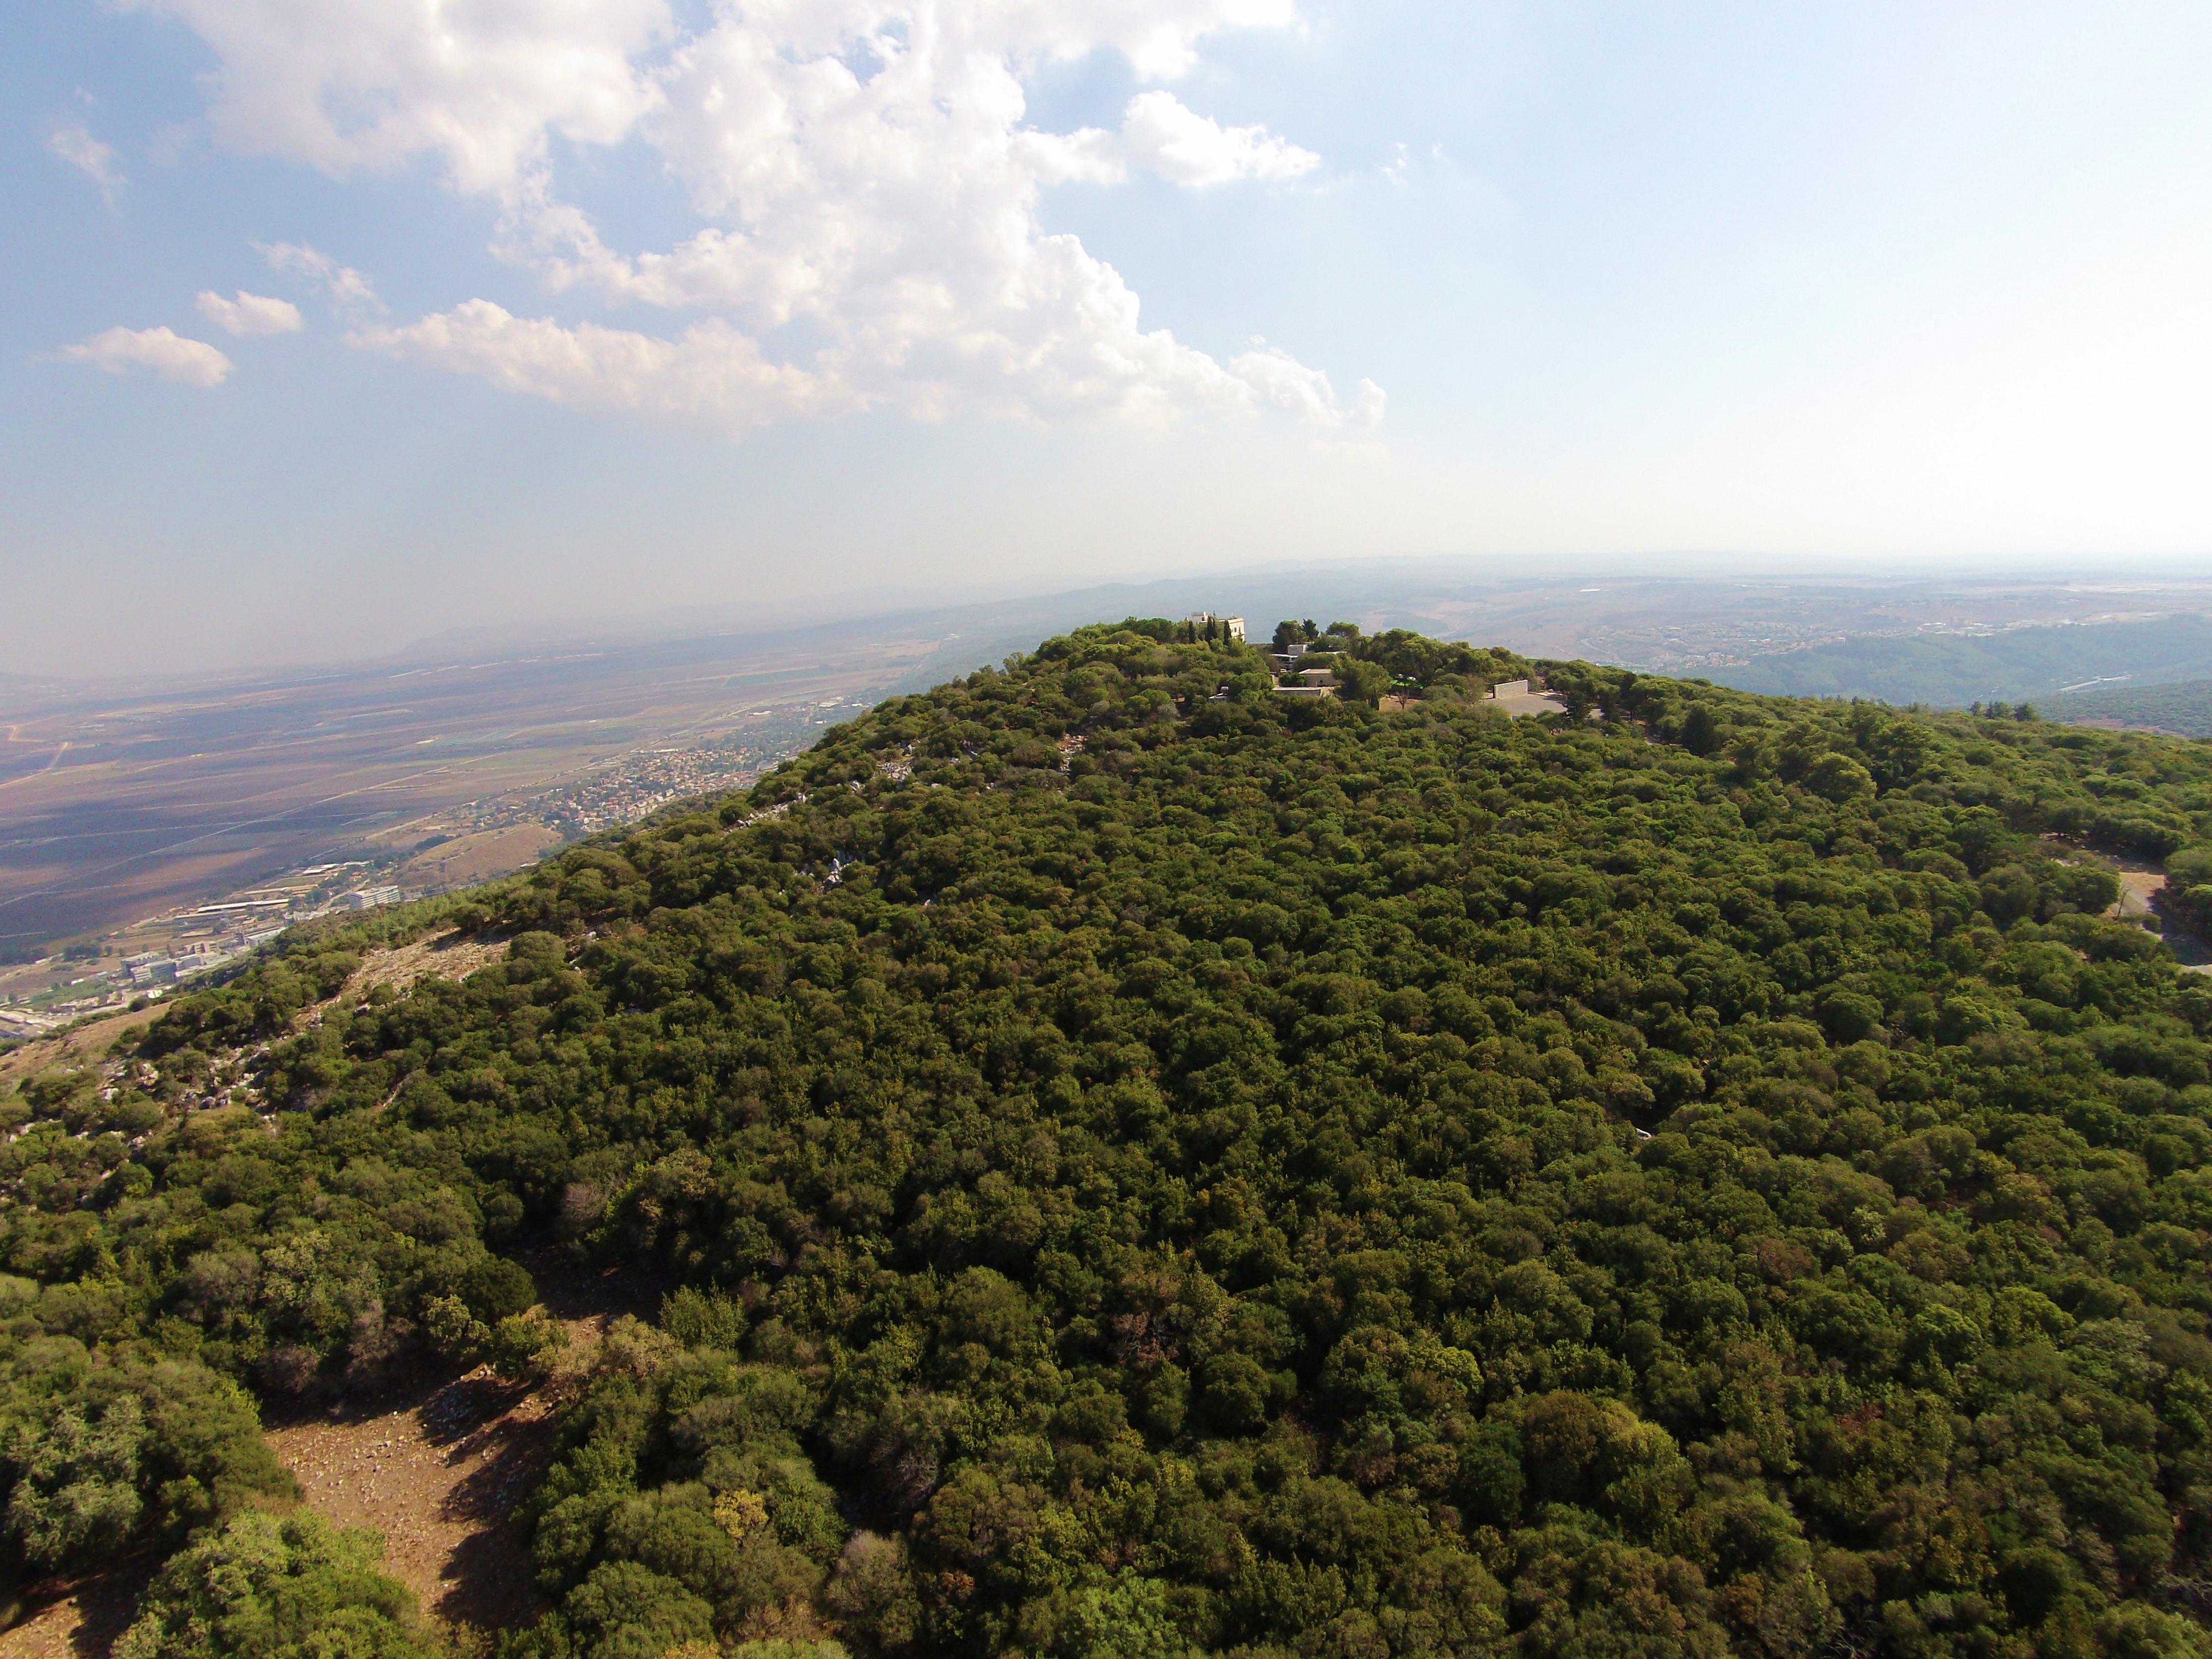 上图:Keren Carmel(迦密之角)是迦密山脉东北角的山峰,山下就是基顺河,山上有先知以利亚大战巴力先知的雕像。